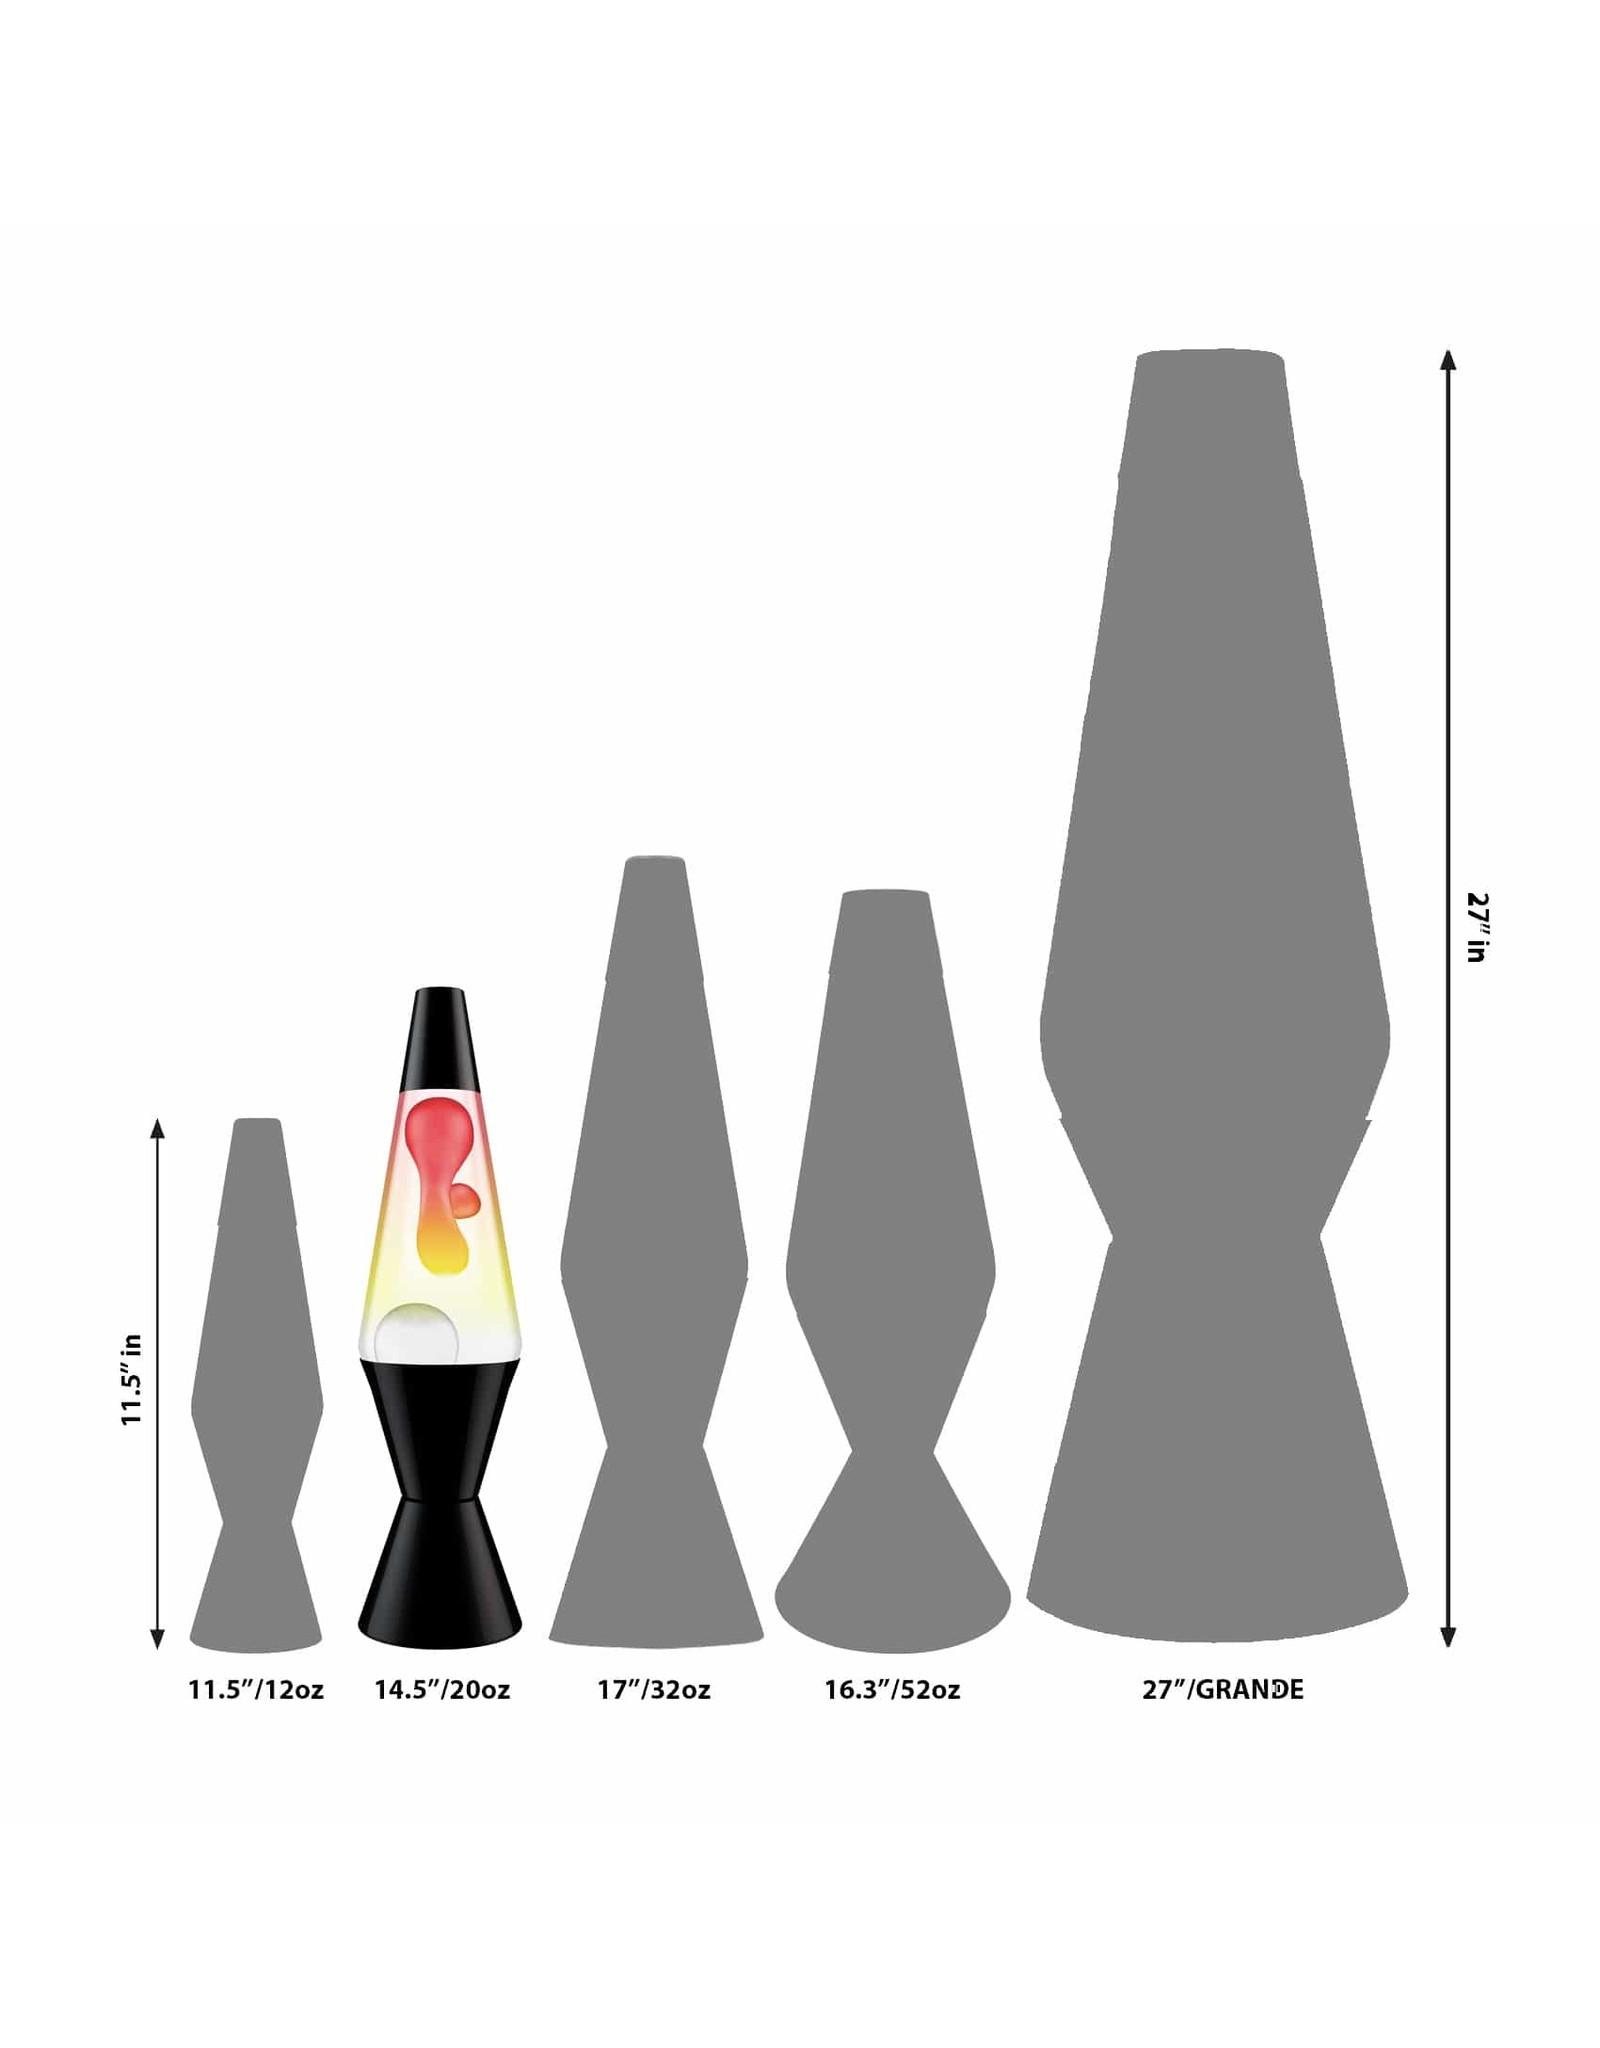 Lava 14.5'' Lava Lamp - Tricolor White & Clear